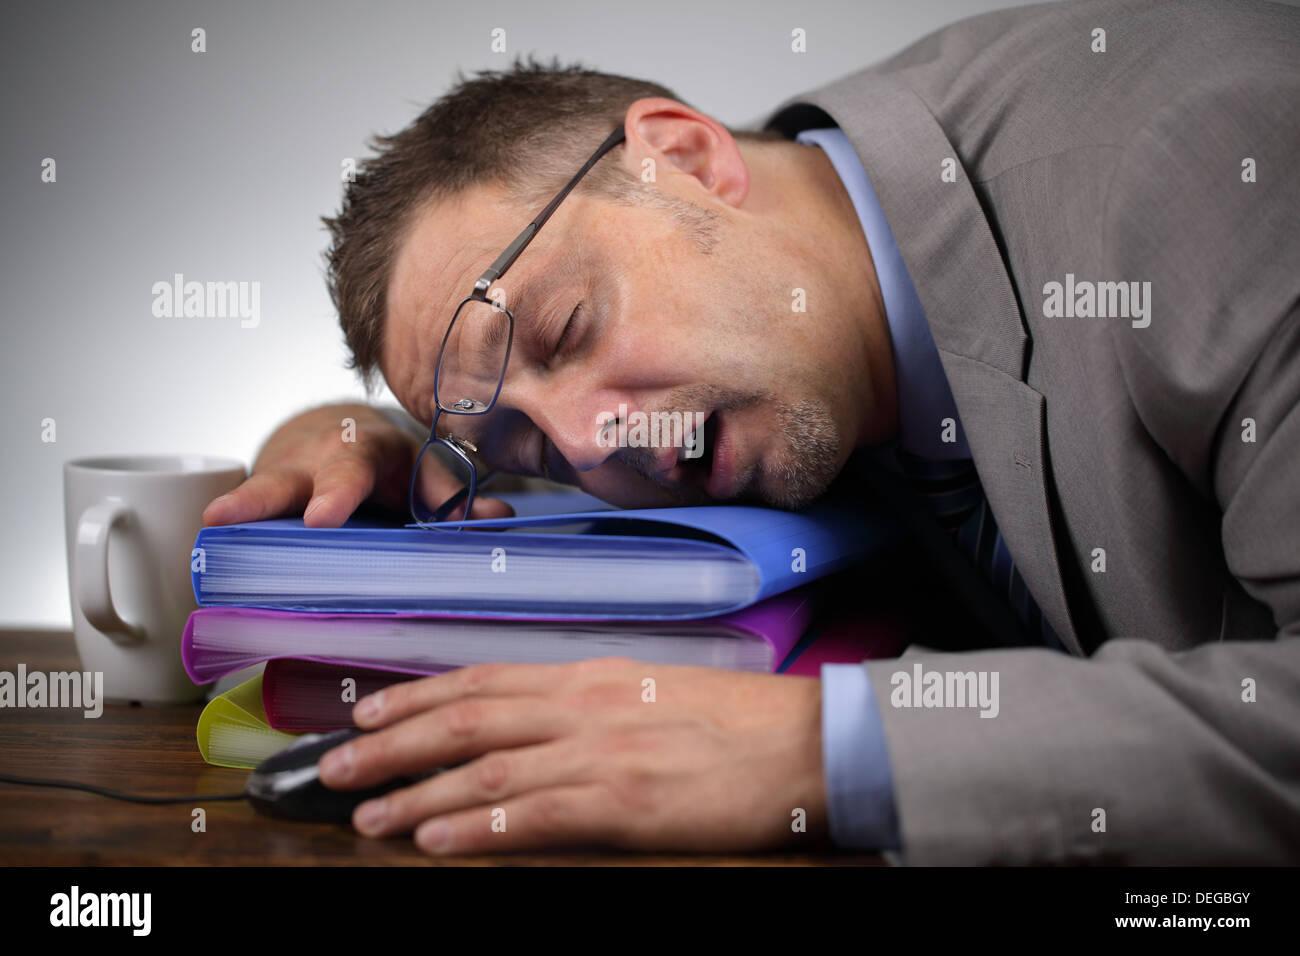 Durmiendo en el trabajo Imagen De Stock